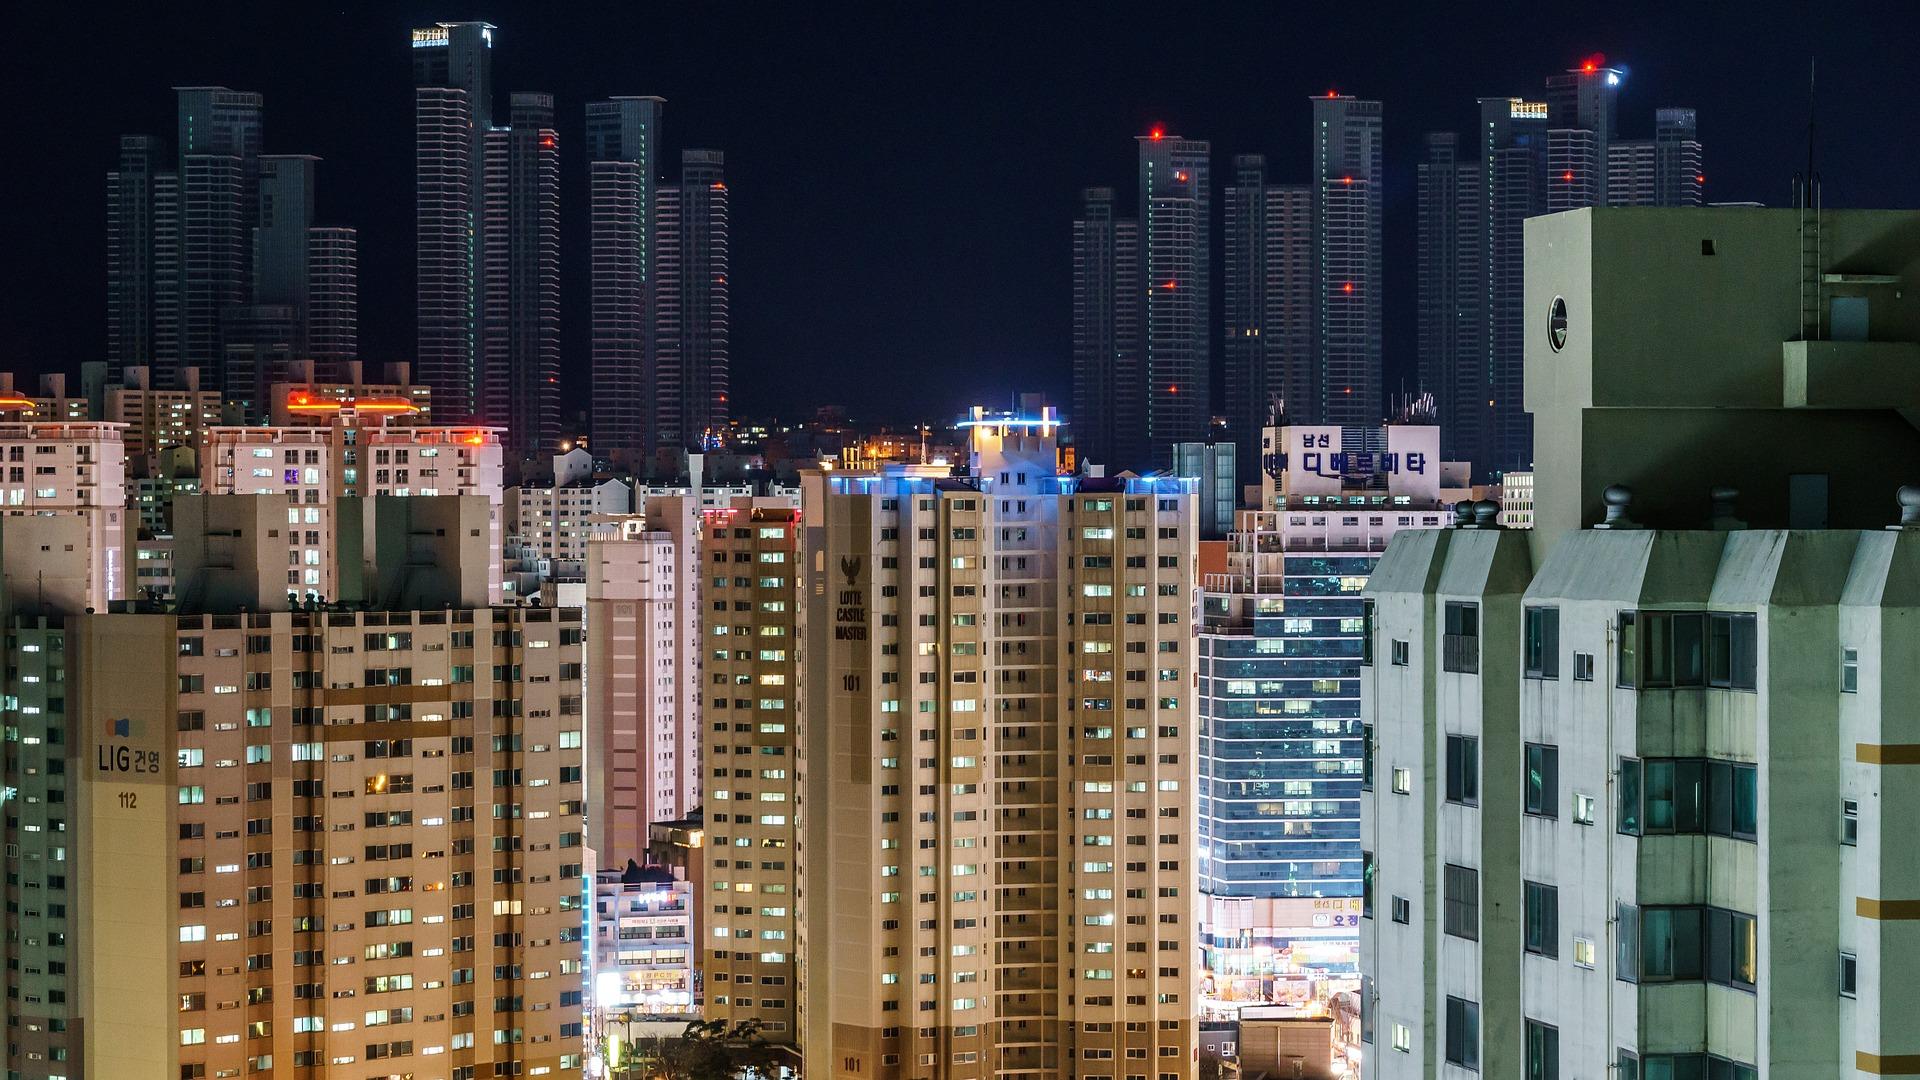 apartment-block-933538_1920